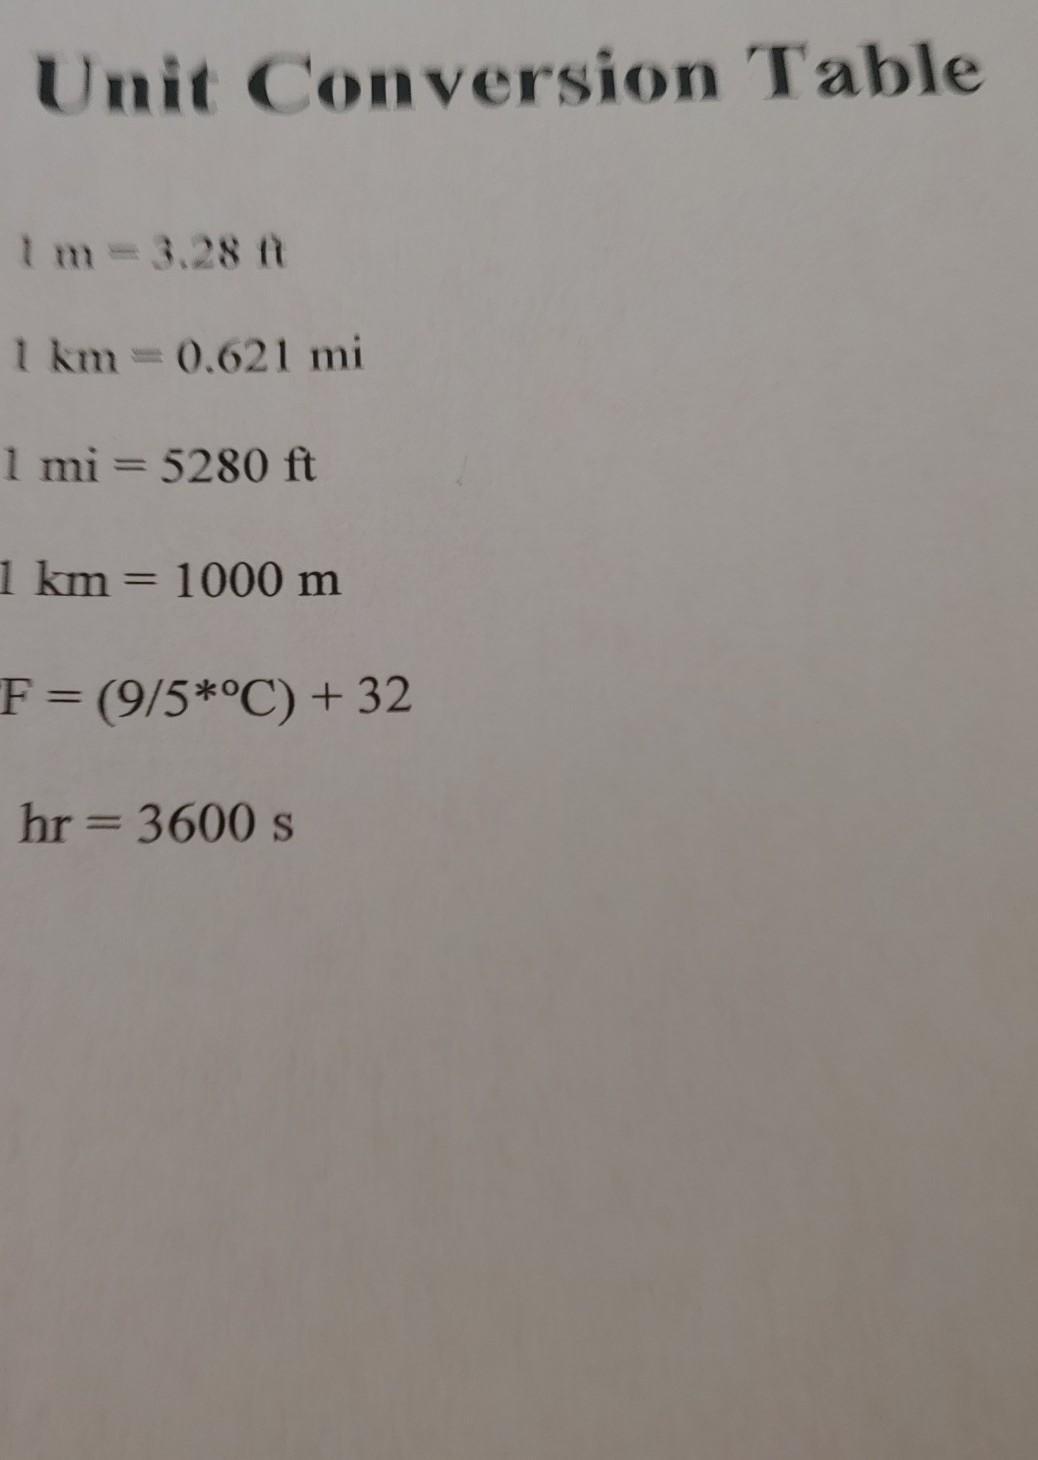 Unit Conversion Table Im-3.28 1 km = 0.621 mi 1 mi=5280 ft 1 km = 1000 m F = (9/5*°C) + 32 hr = 3600 s